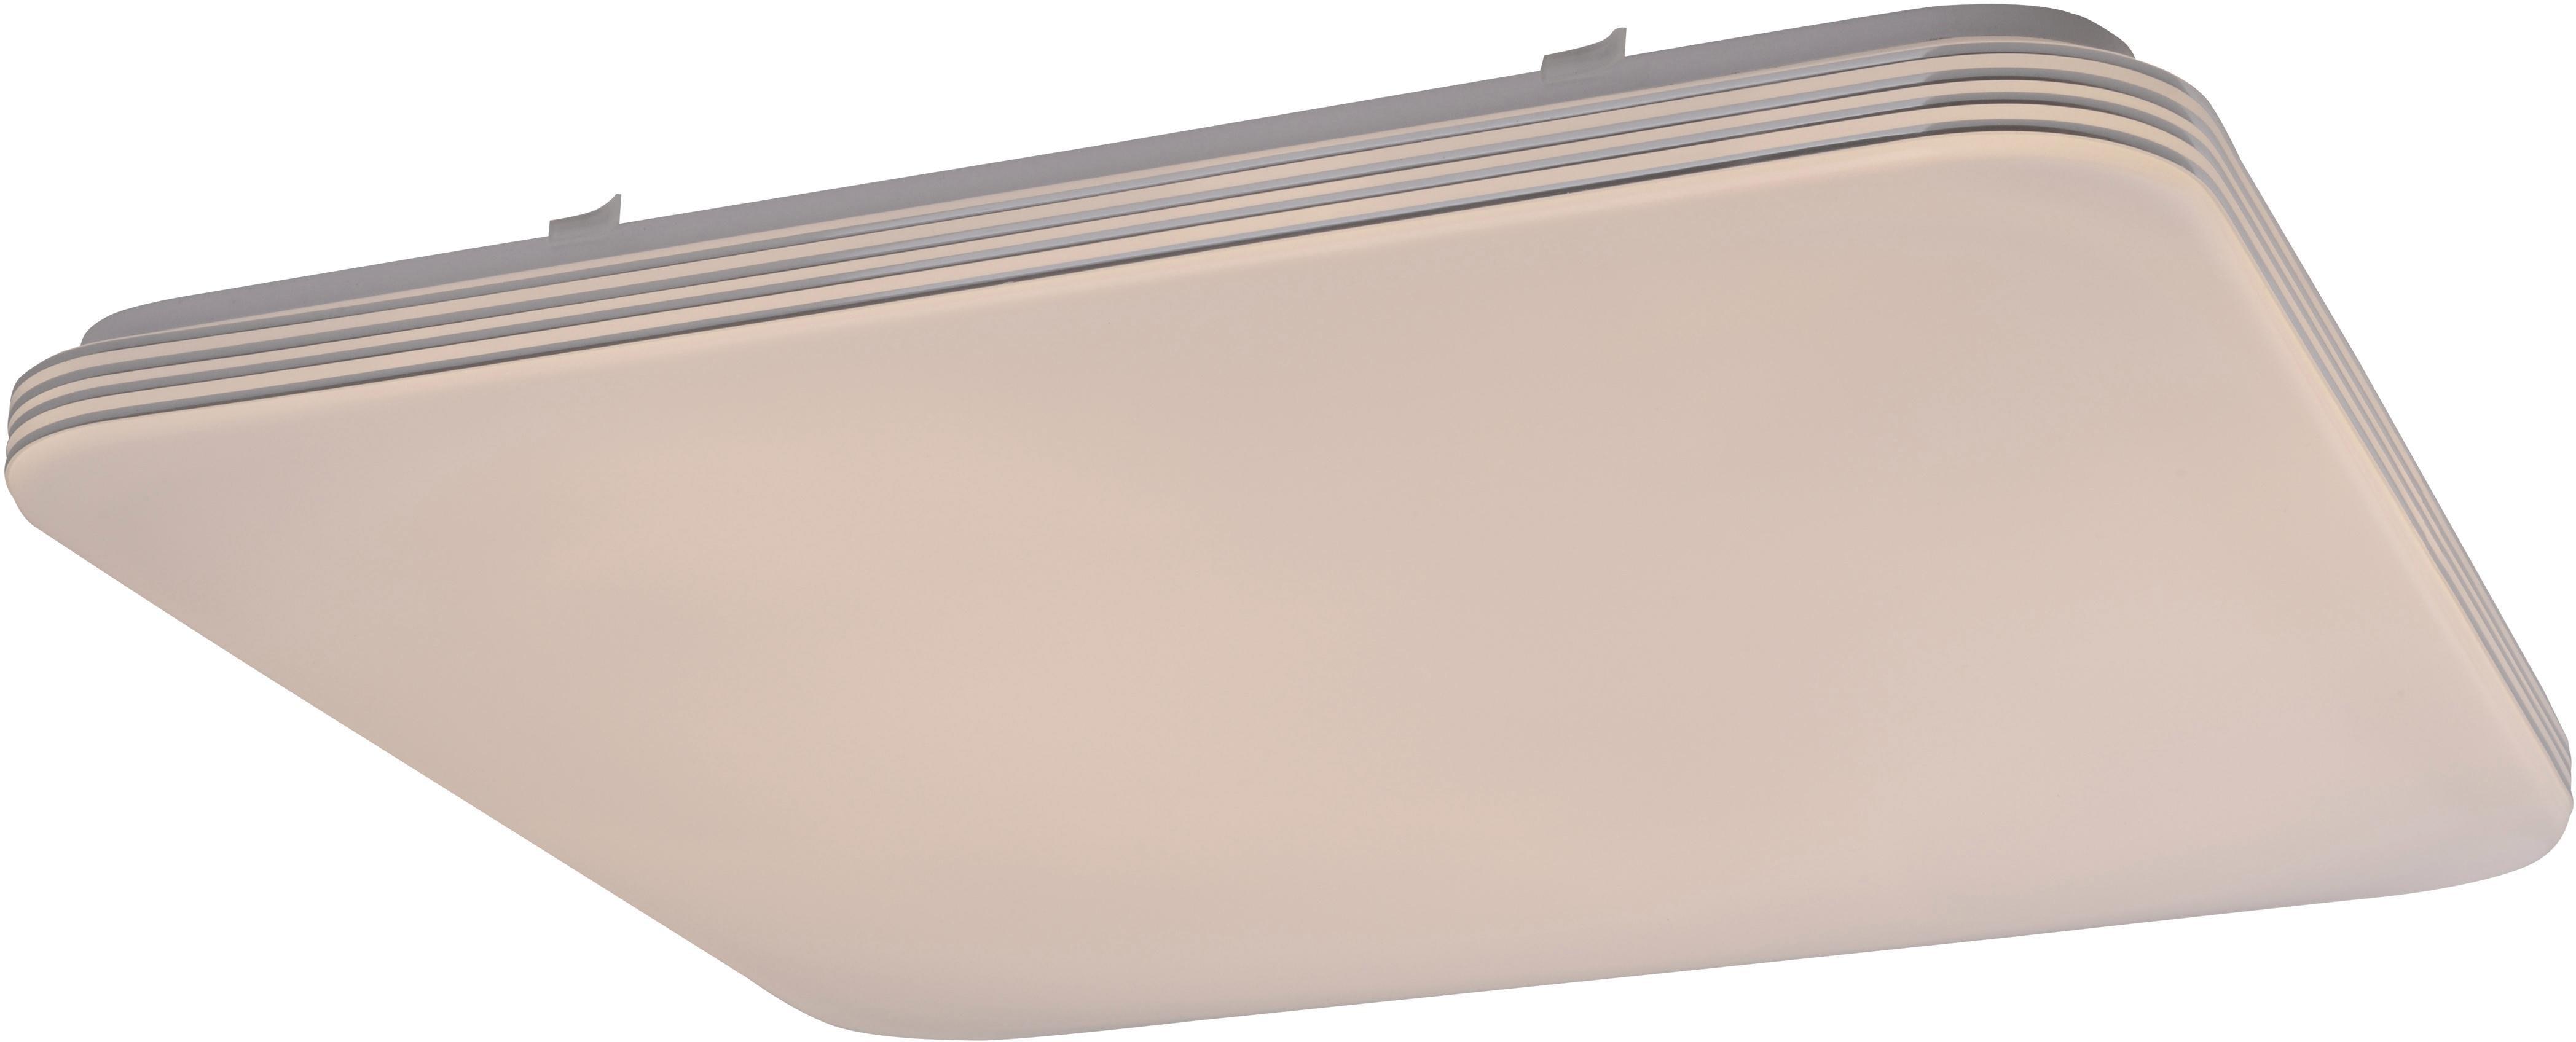 näve LED Deckenleuchte ALYSSA, LED-Board, Warmweiß-Neutralweiß-Kaltweiß-Tageslichtweiß, LED Deckenlampe